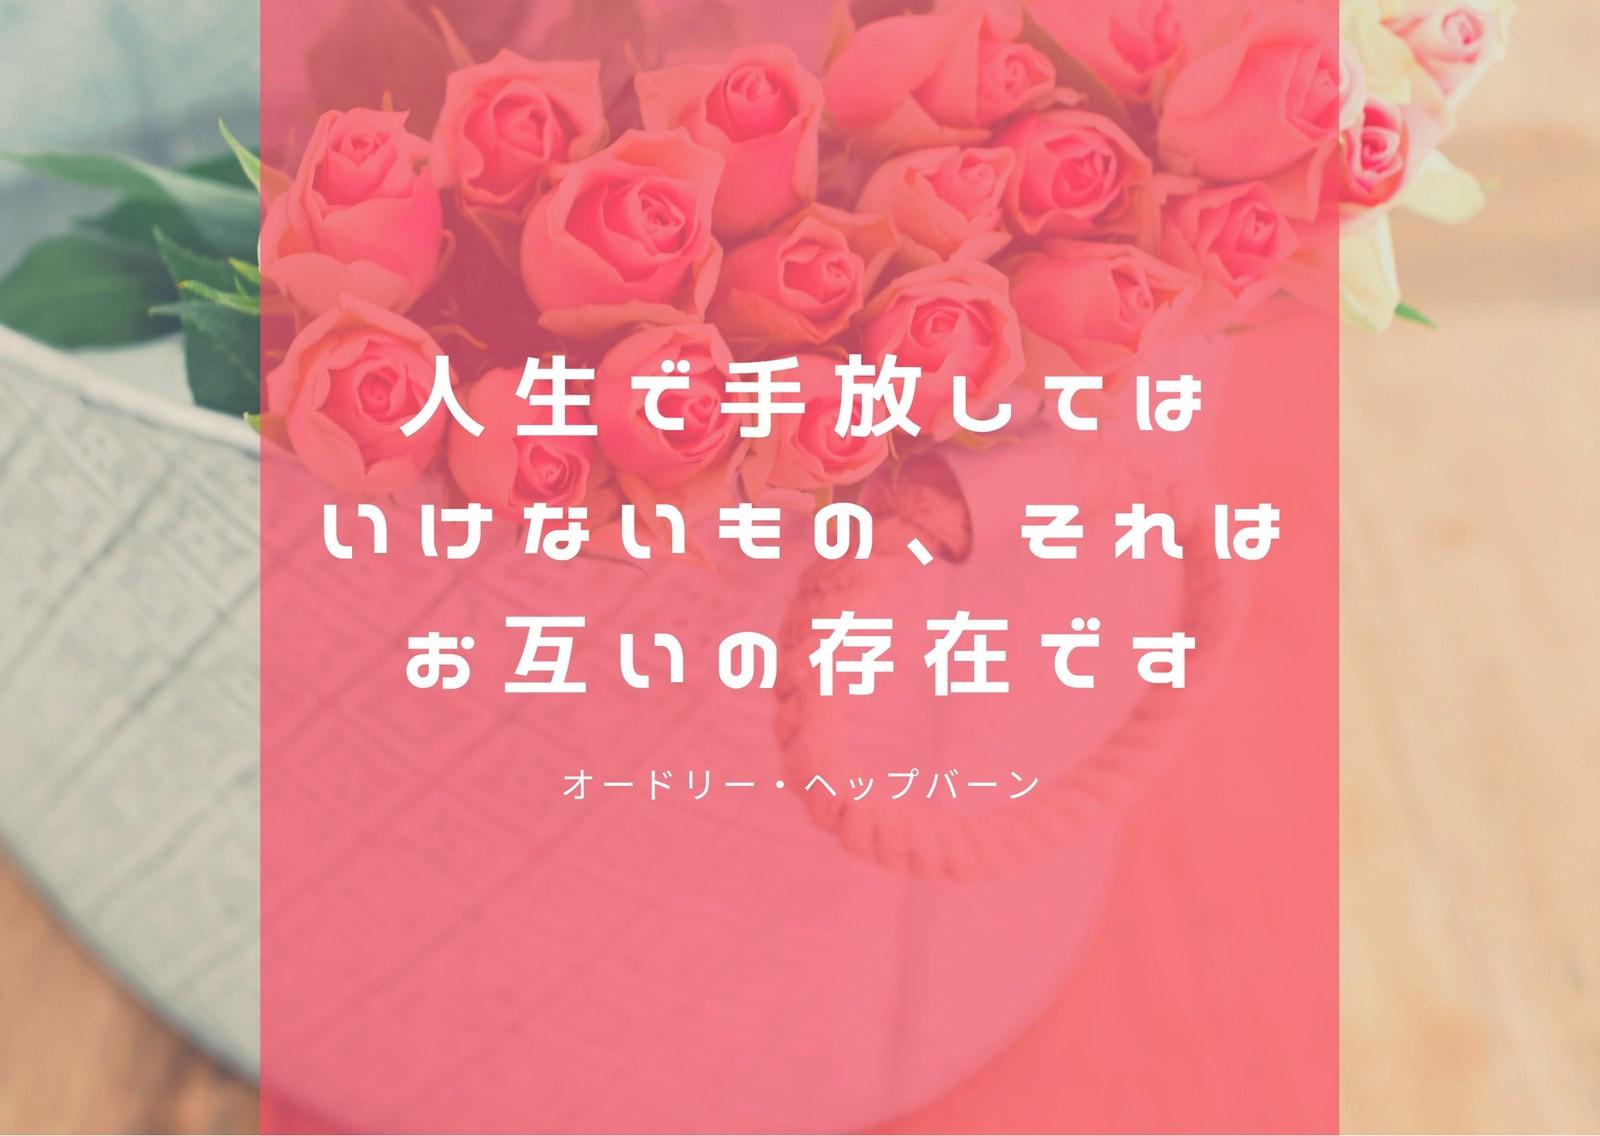 ピンク バスケットの中の花 愛 引用 バレンタインデーカード